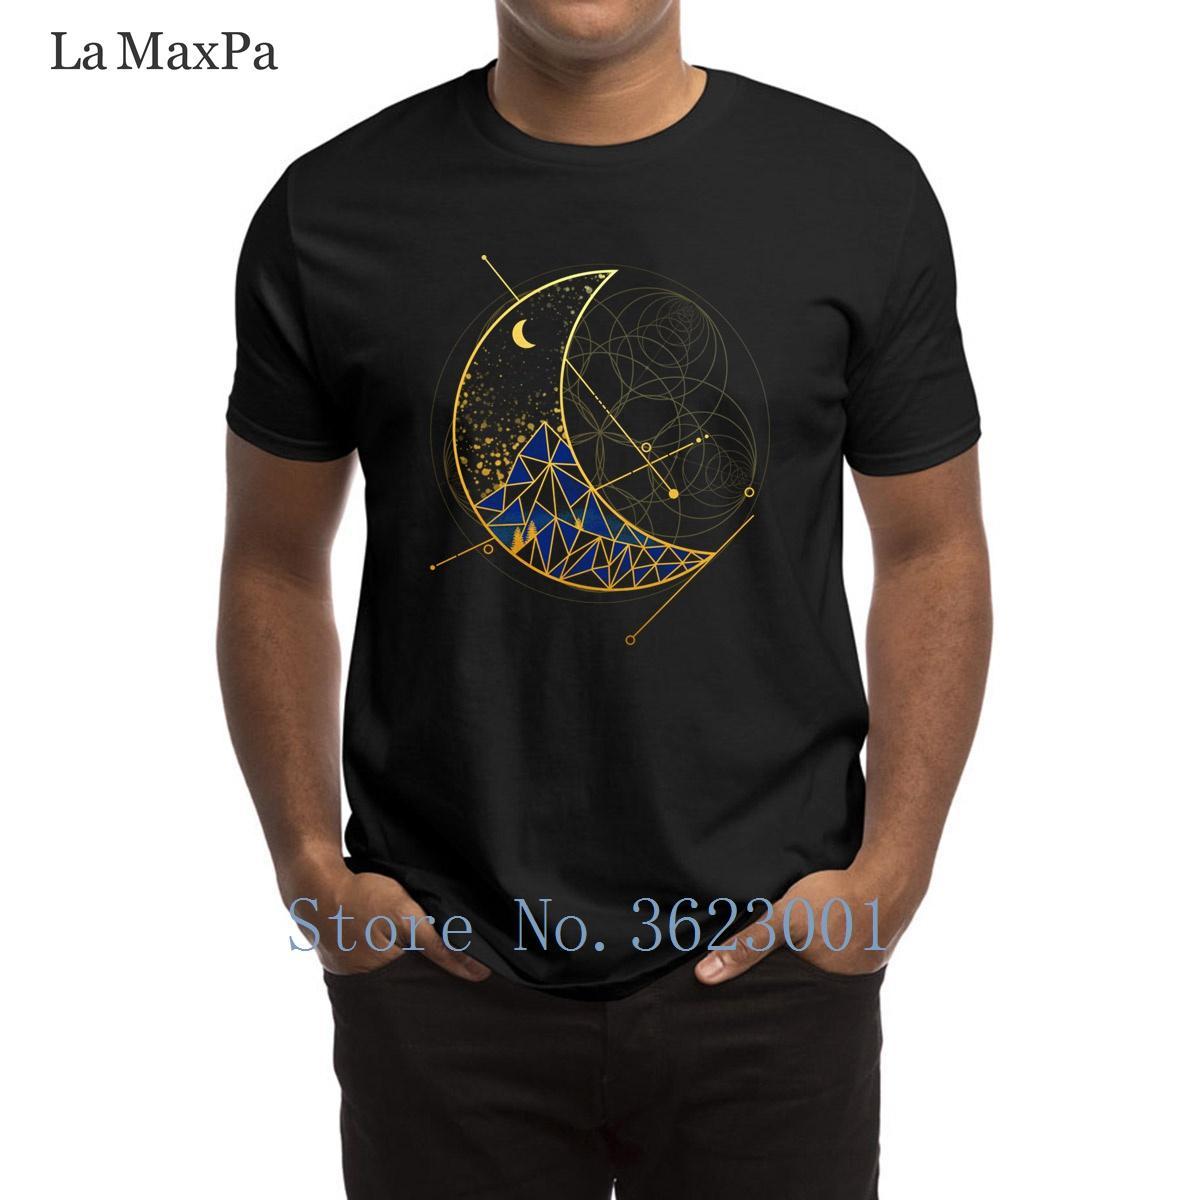 Impression unique T-shirt homme Moon Mountain T-shirt élégant 2018 T-shirt Homme authentique Euro Taille S-3XL T-shirt Hiphop Top